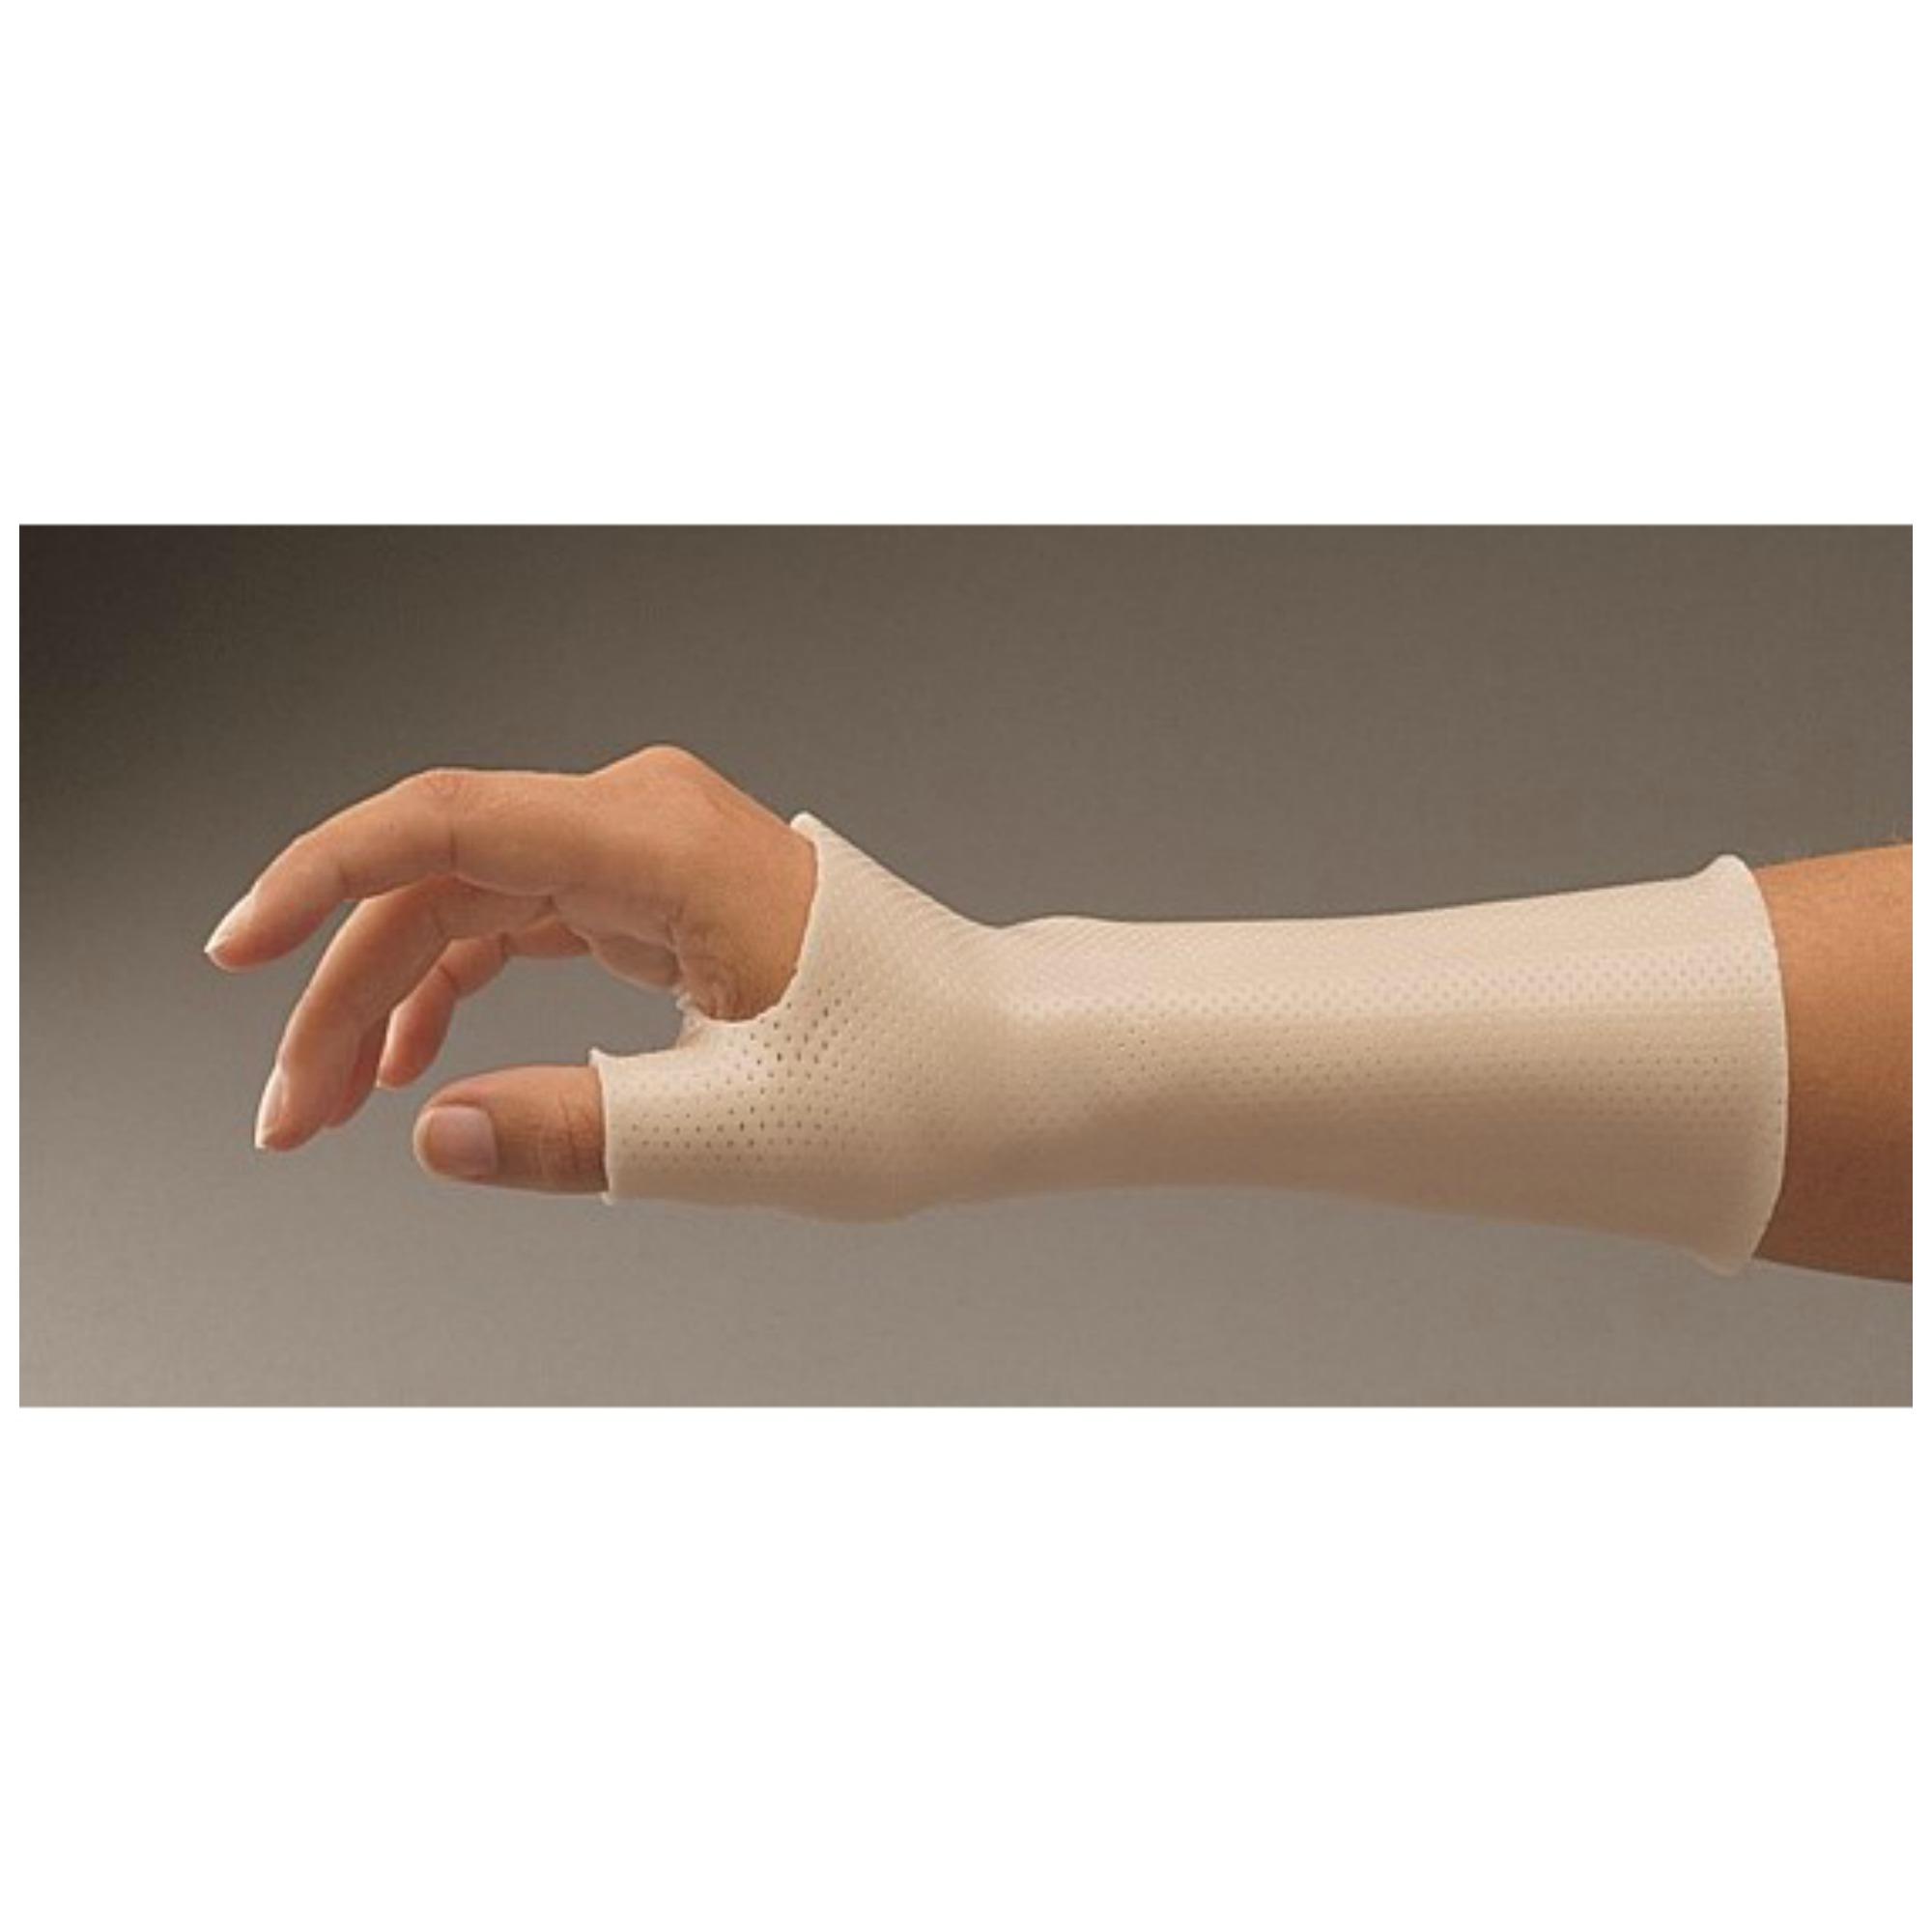 hüvelykujj-artrózis kezelés kenőcs az ízületi fájdalmak enyhítésére